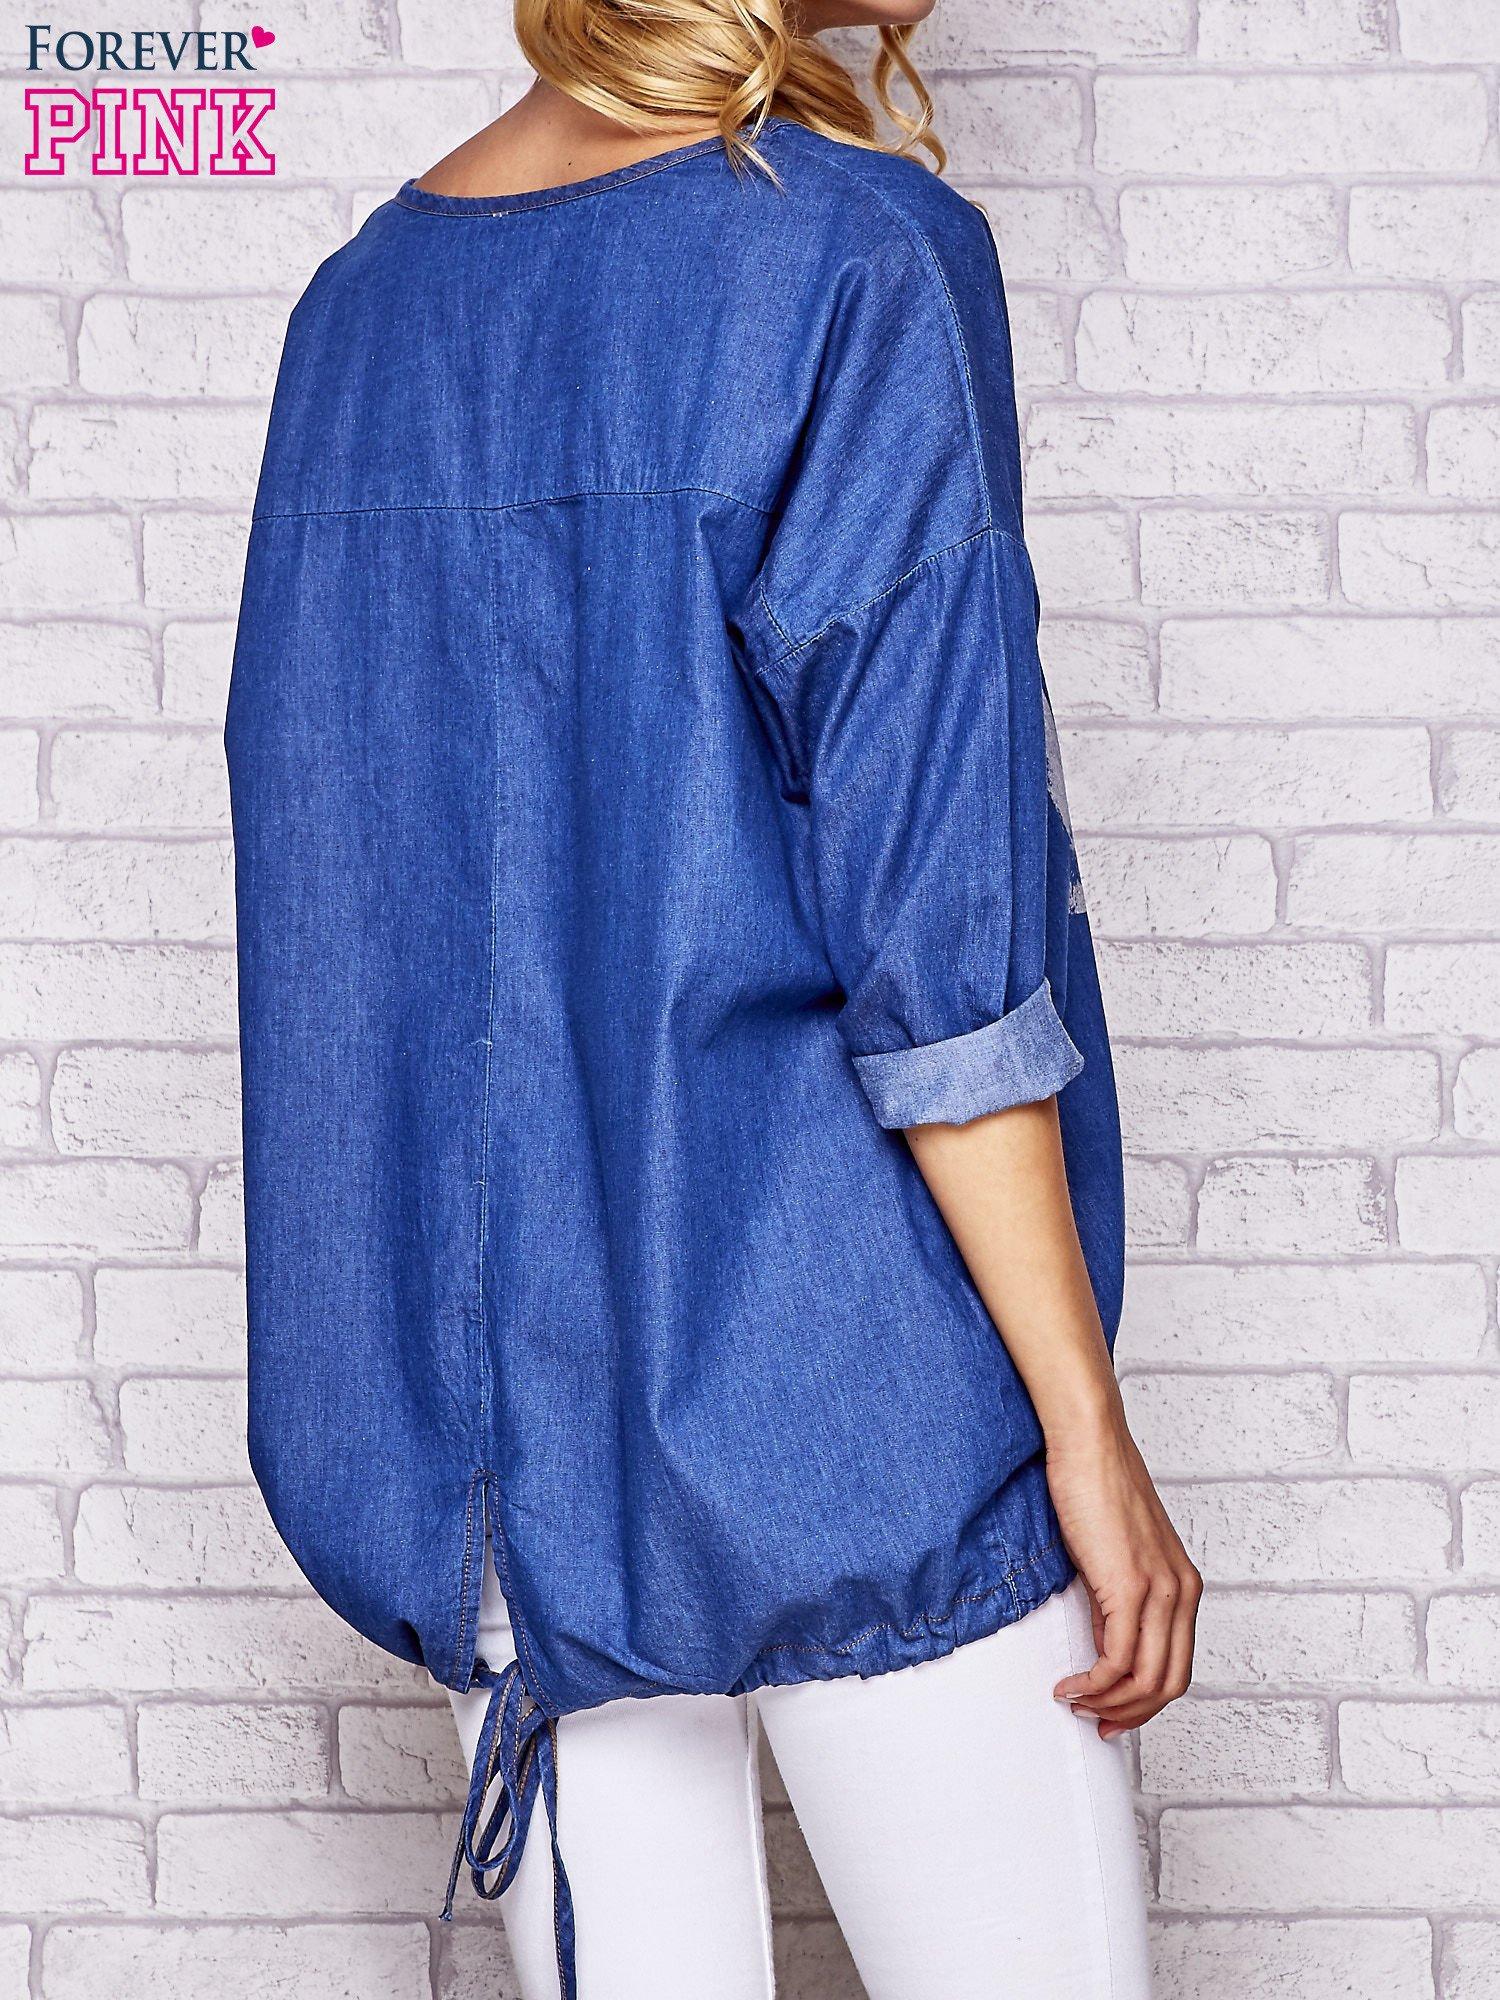 Niebieska jeansowa tunika ze sznureczkiem                                  zdj.                                  3